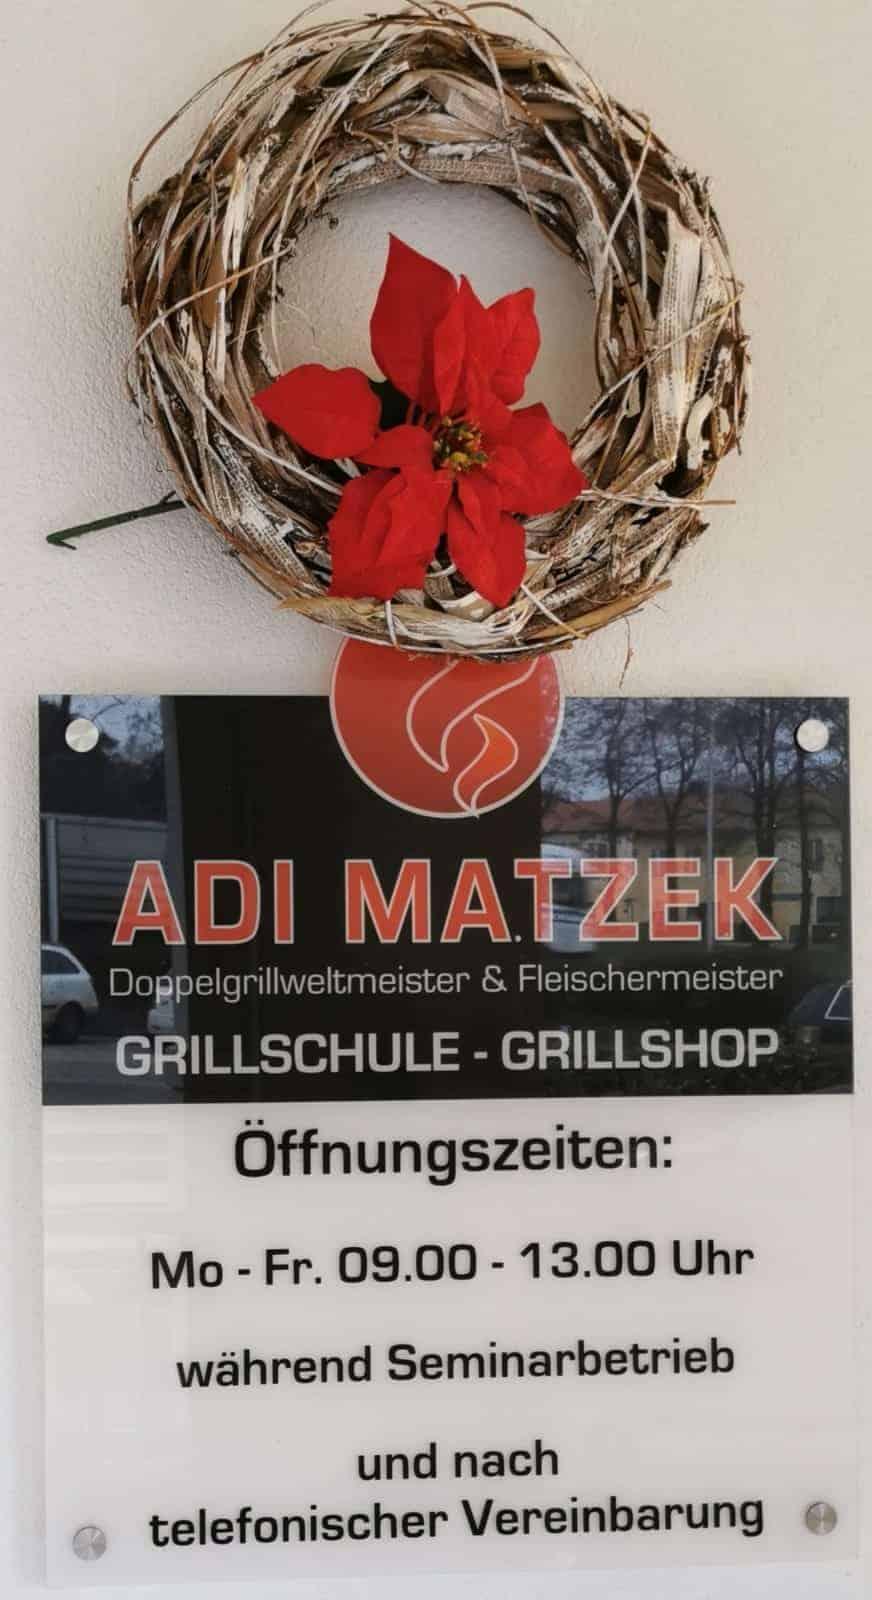 24. Türchen Adventkalender Grillschule 3.0 Bild 2